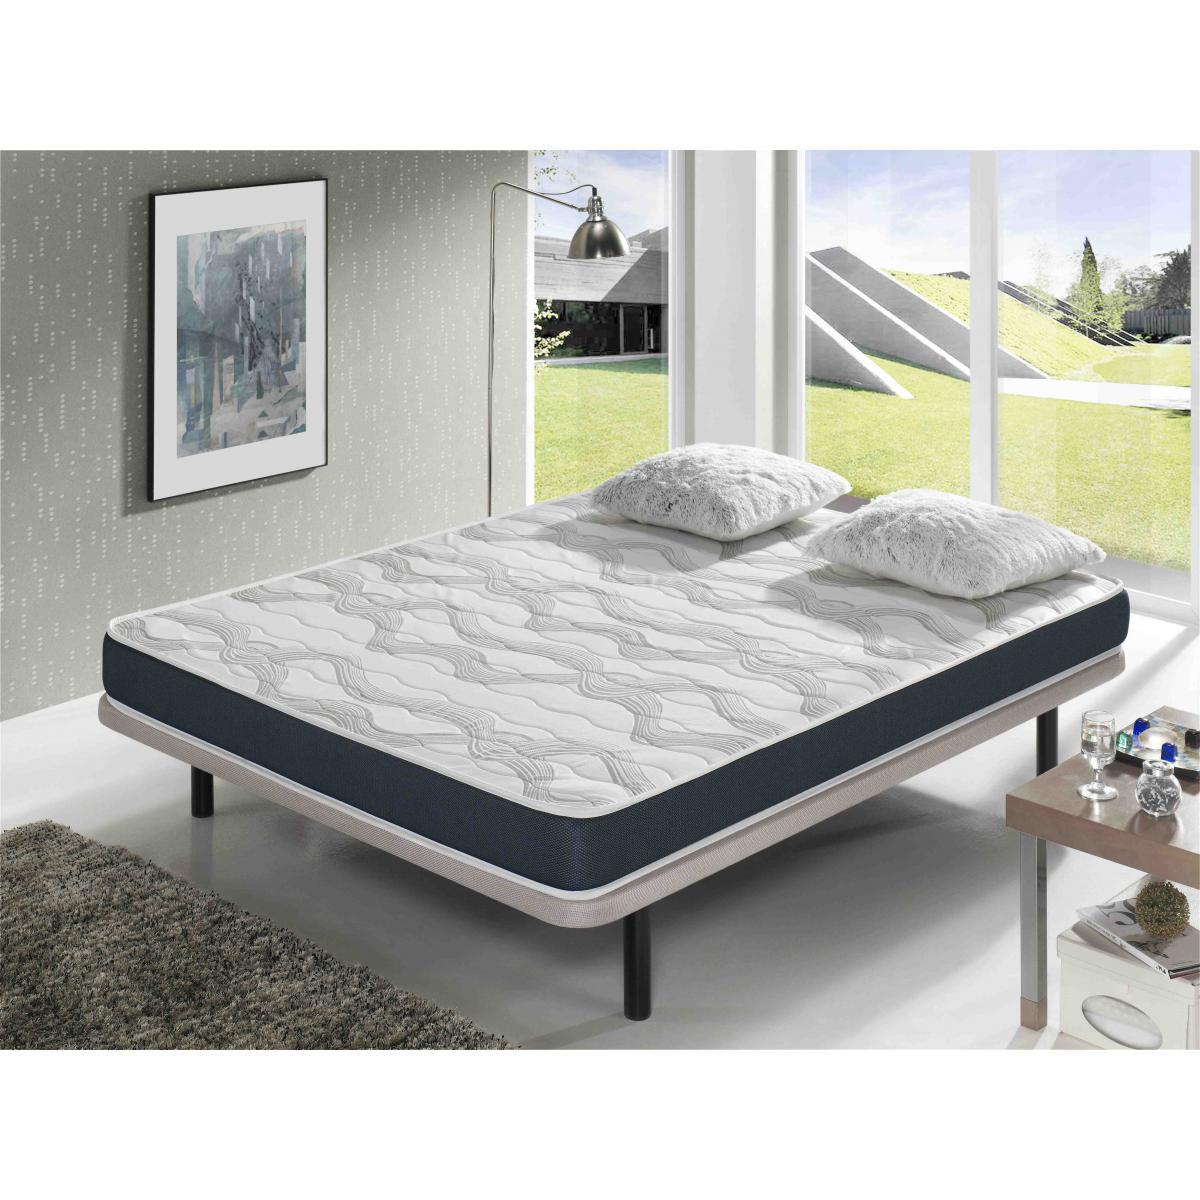 Dormalit Matelas 150X190 ERGO CONFORT Épaisseur 14 CM ? Rembourrage super soft - Juvénil - idéal pour les lits gigognes